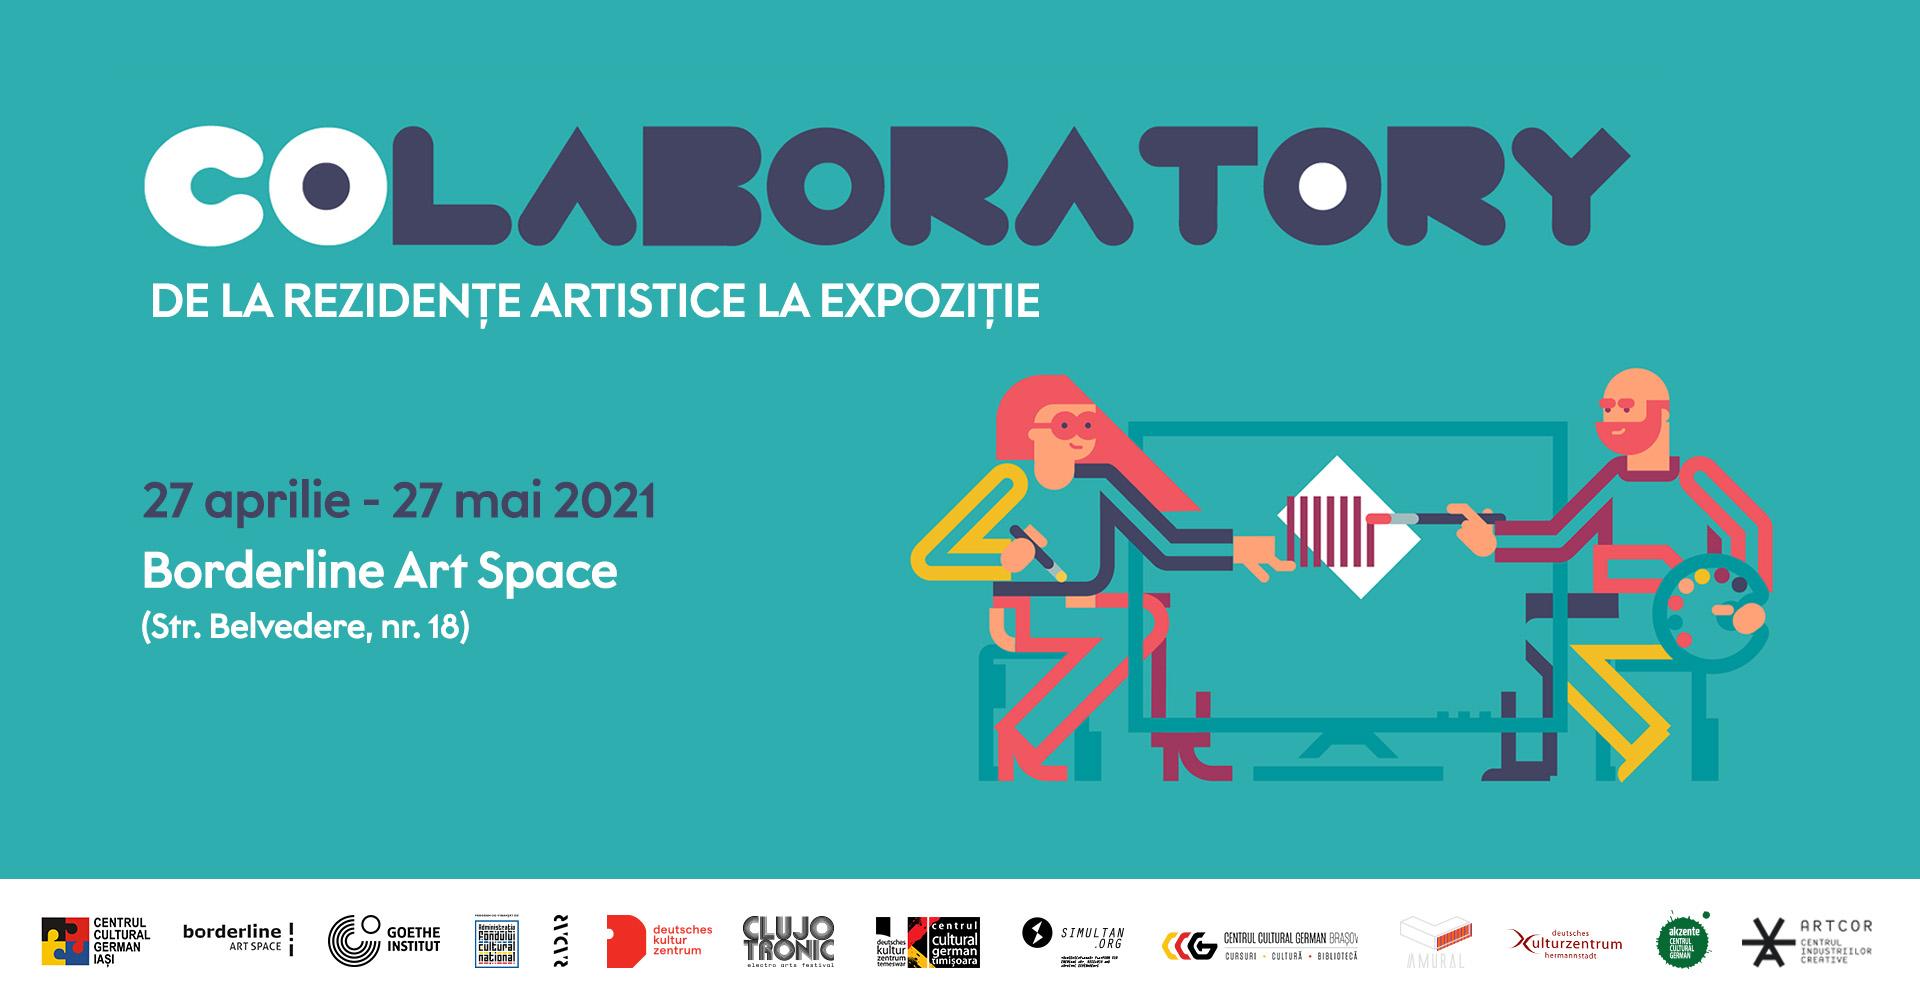 CoLaboratory – de la rezidențe digitale la expoziție